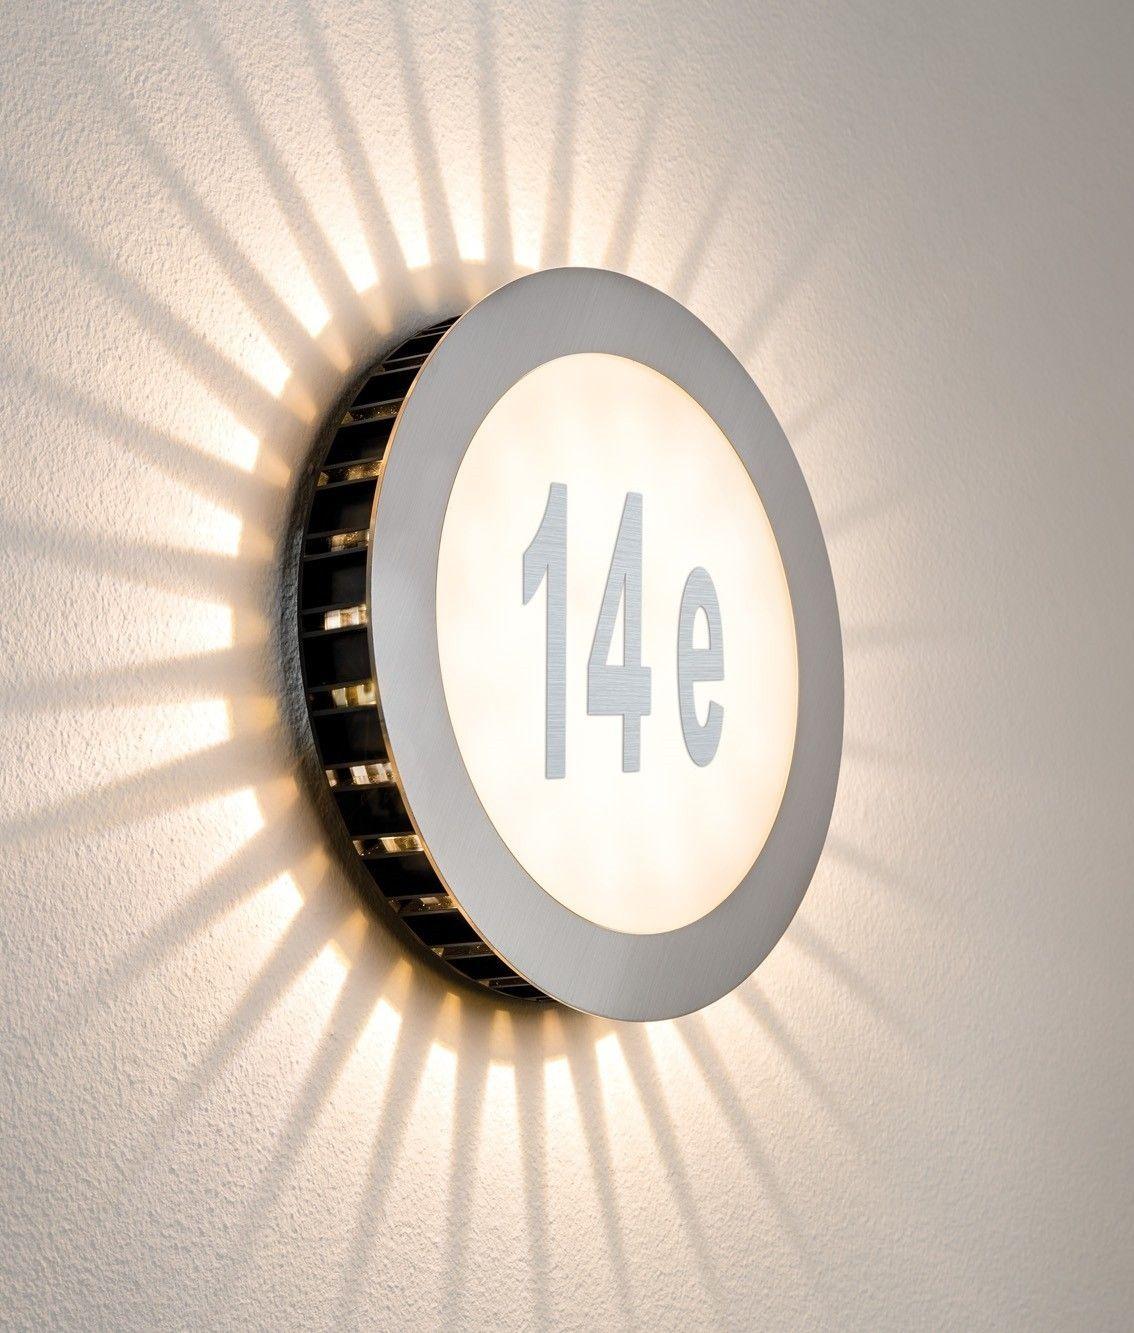 LED House Number Bulkhead Lighting Pinterest